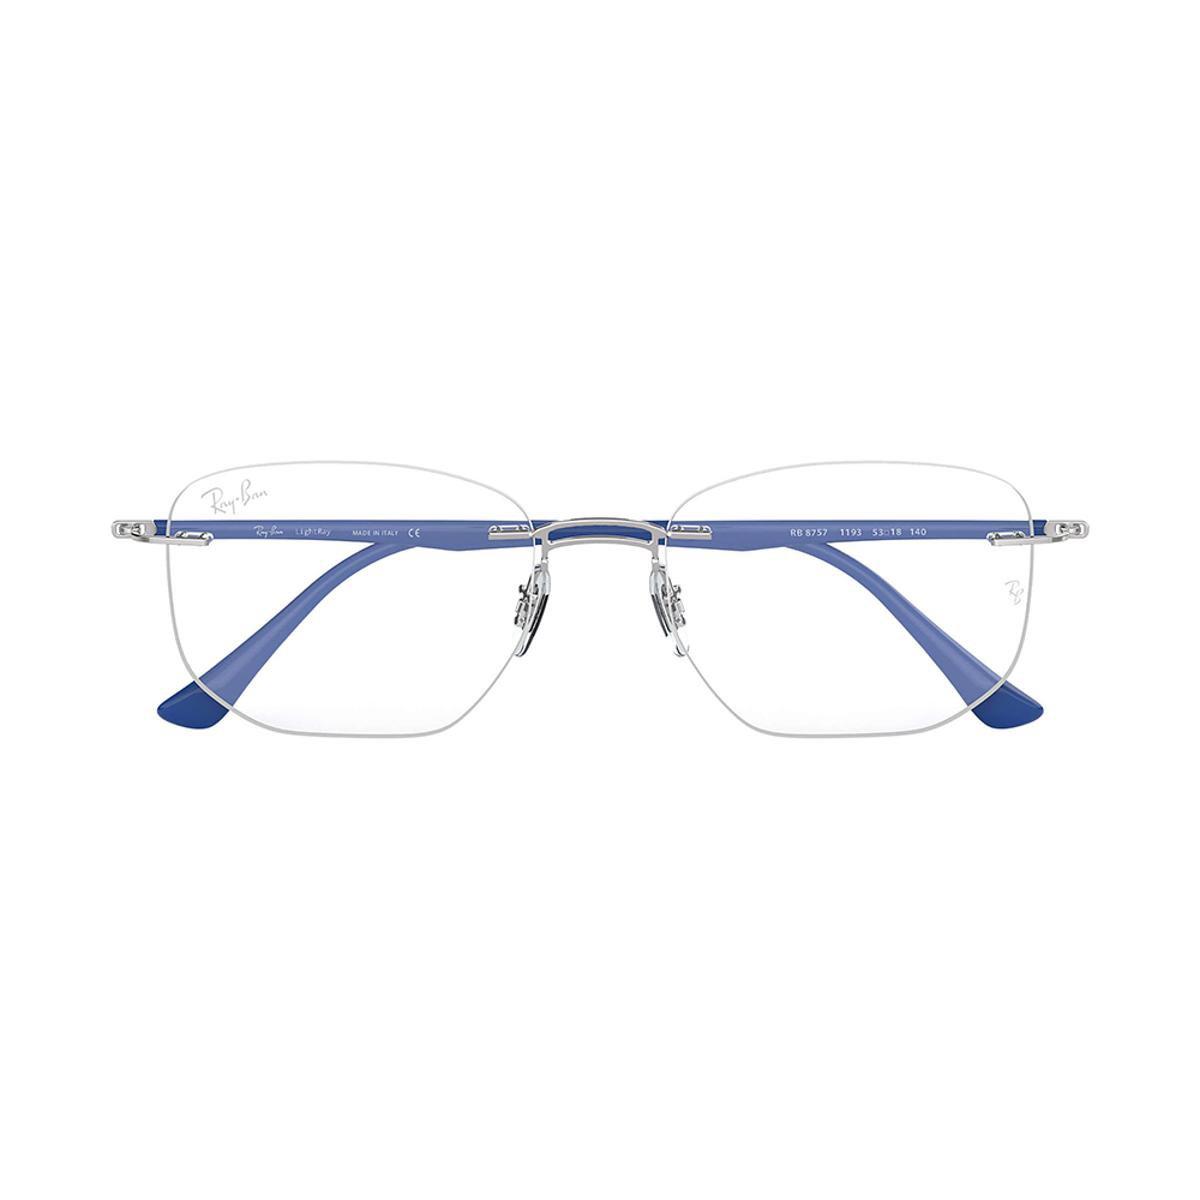 609e1dba5f4d9 Óculos de Grau Ray-Ban RB8757 Masculino - Azul - Compre Agora   Netshoes